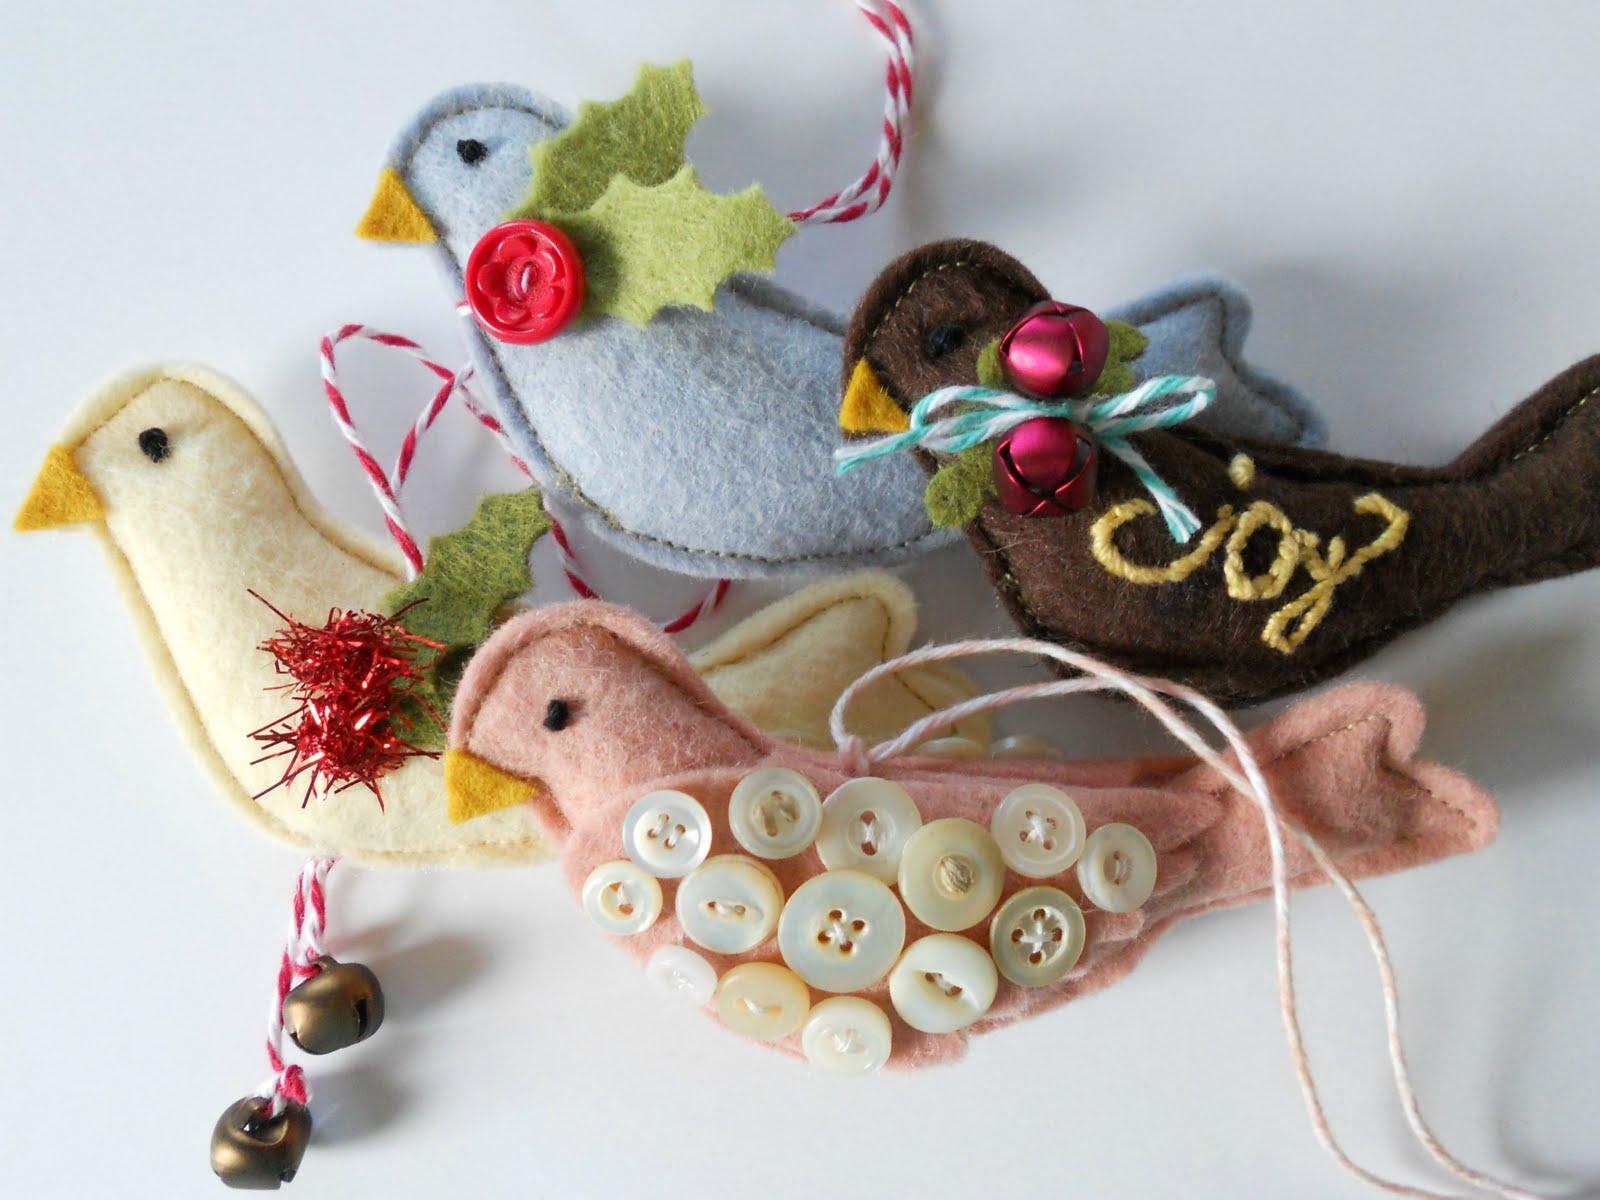 Wool felt ornaments - Monday October 17 2011